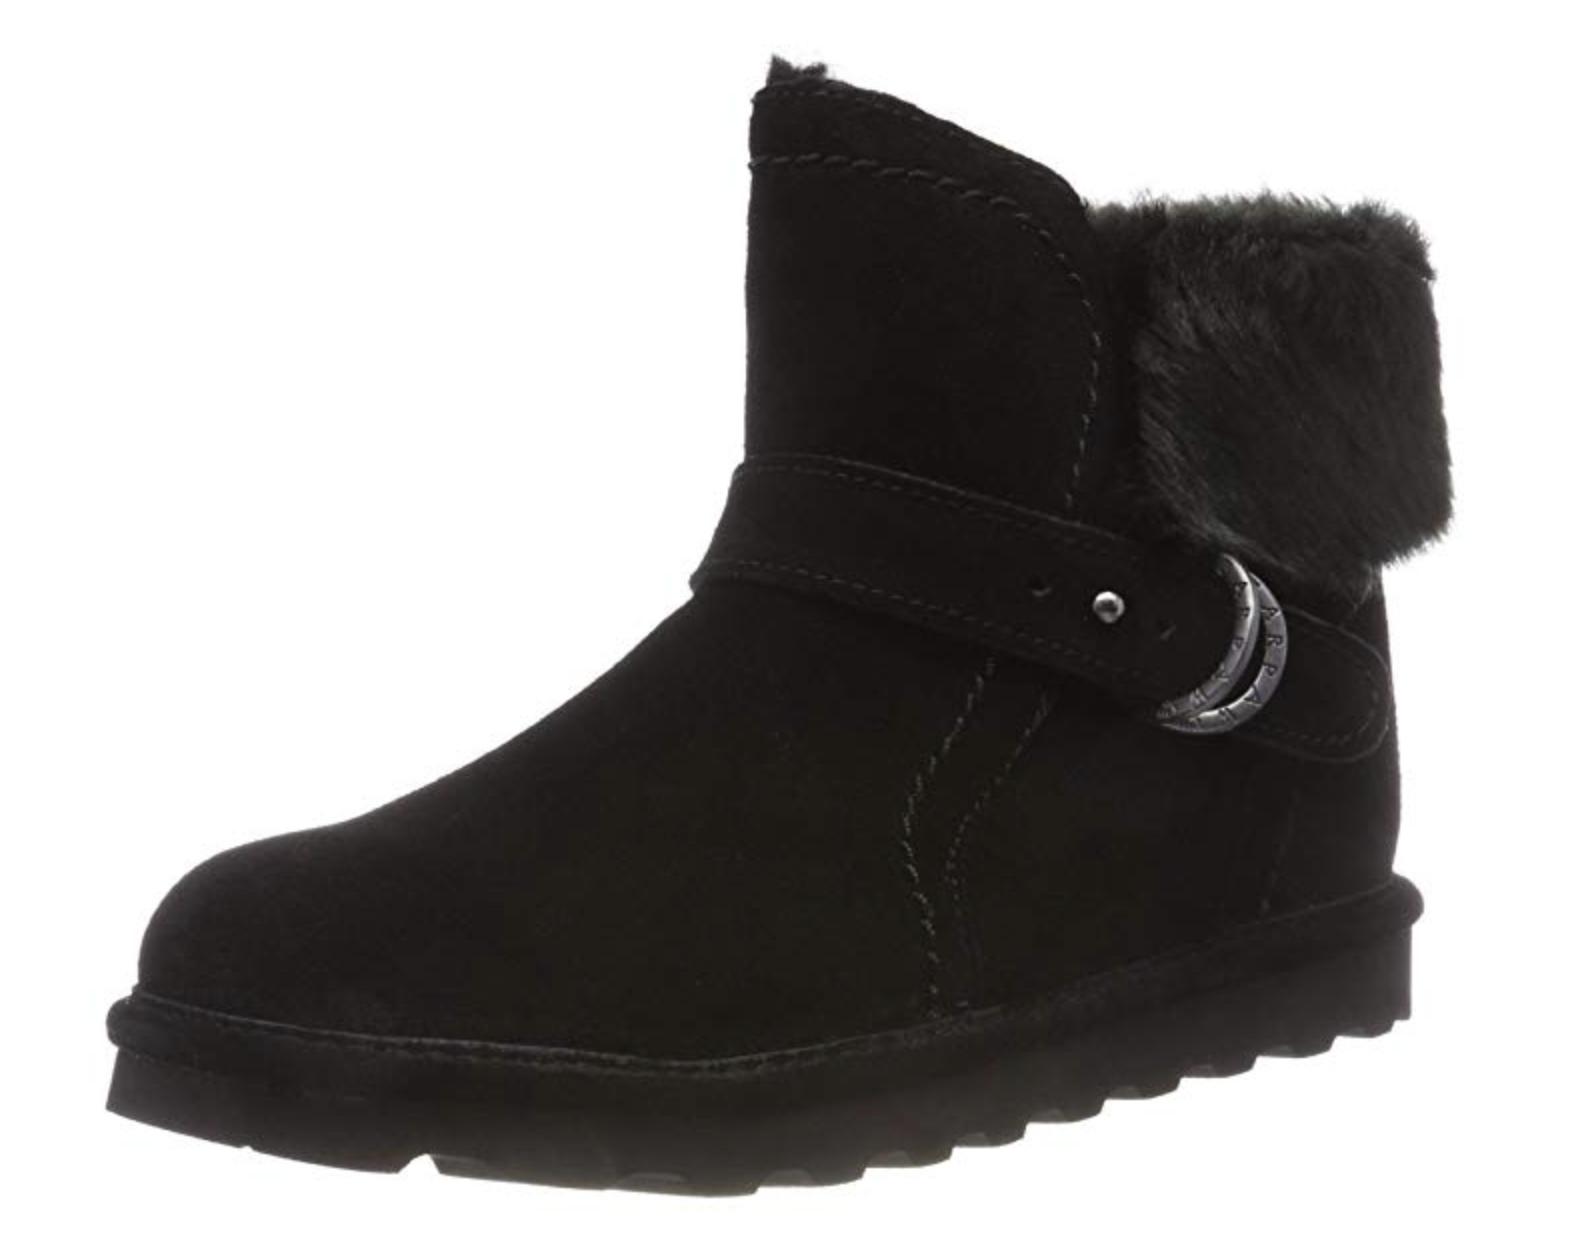 Bearpaw Koko Boots